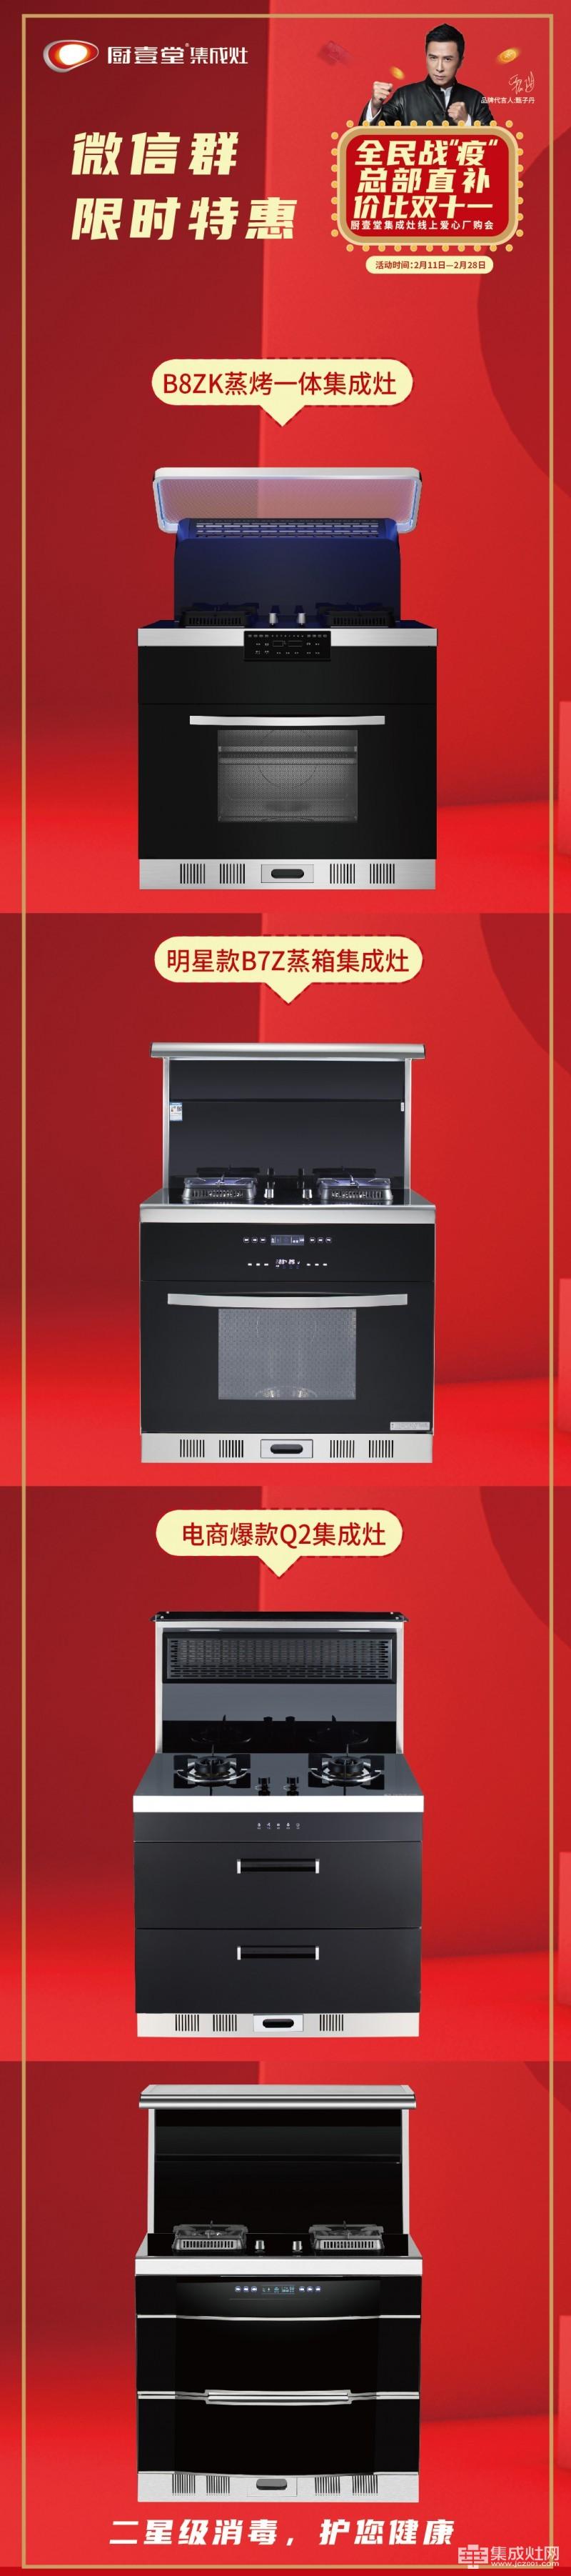 厨壹堂集成灶线上爱心厂购会